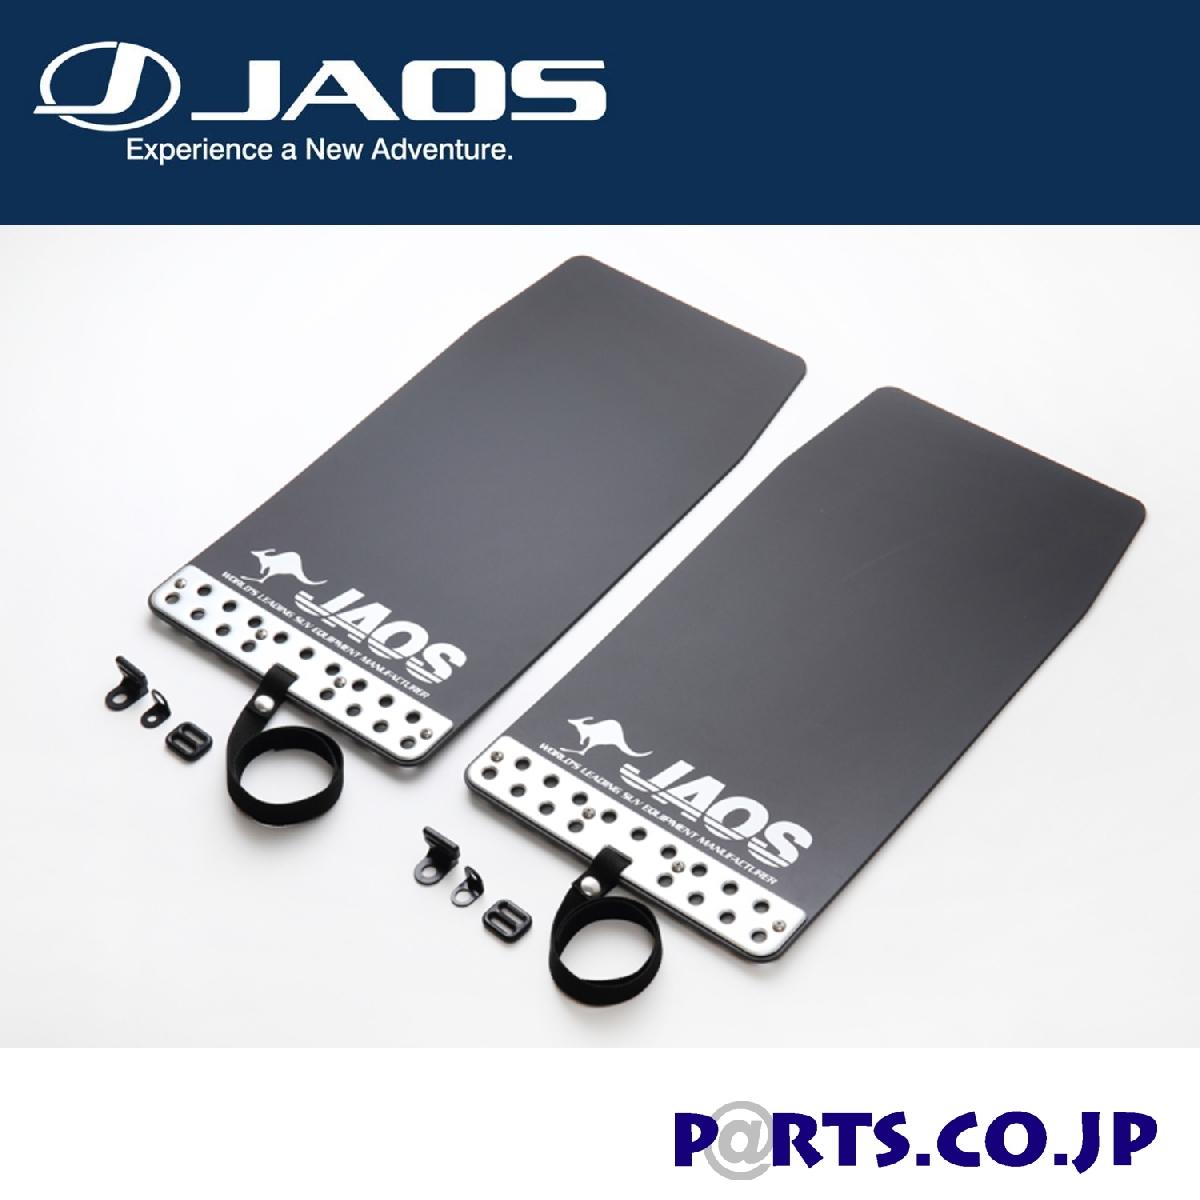 JAOS(ジャオス) マッドガード フェンダー JAOS マッドガード ブラック Sサイズ 汎用